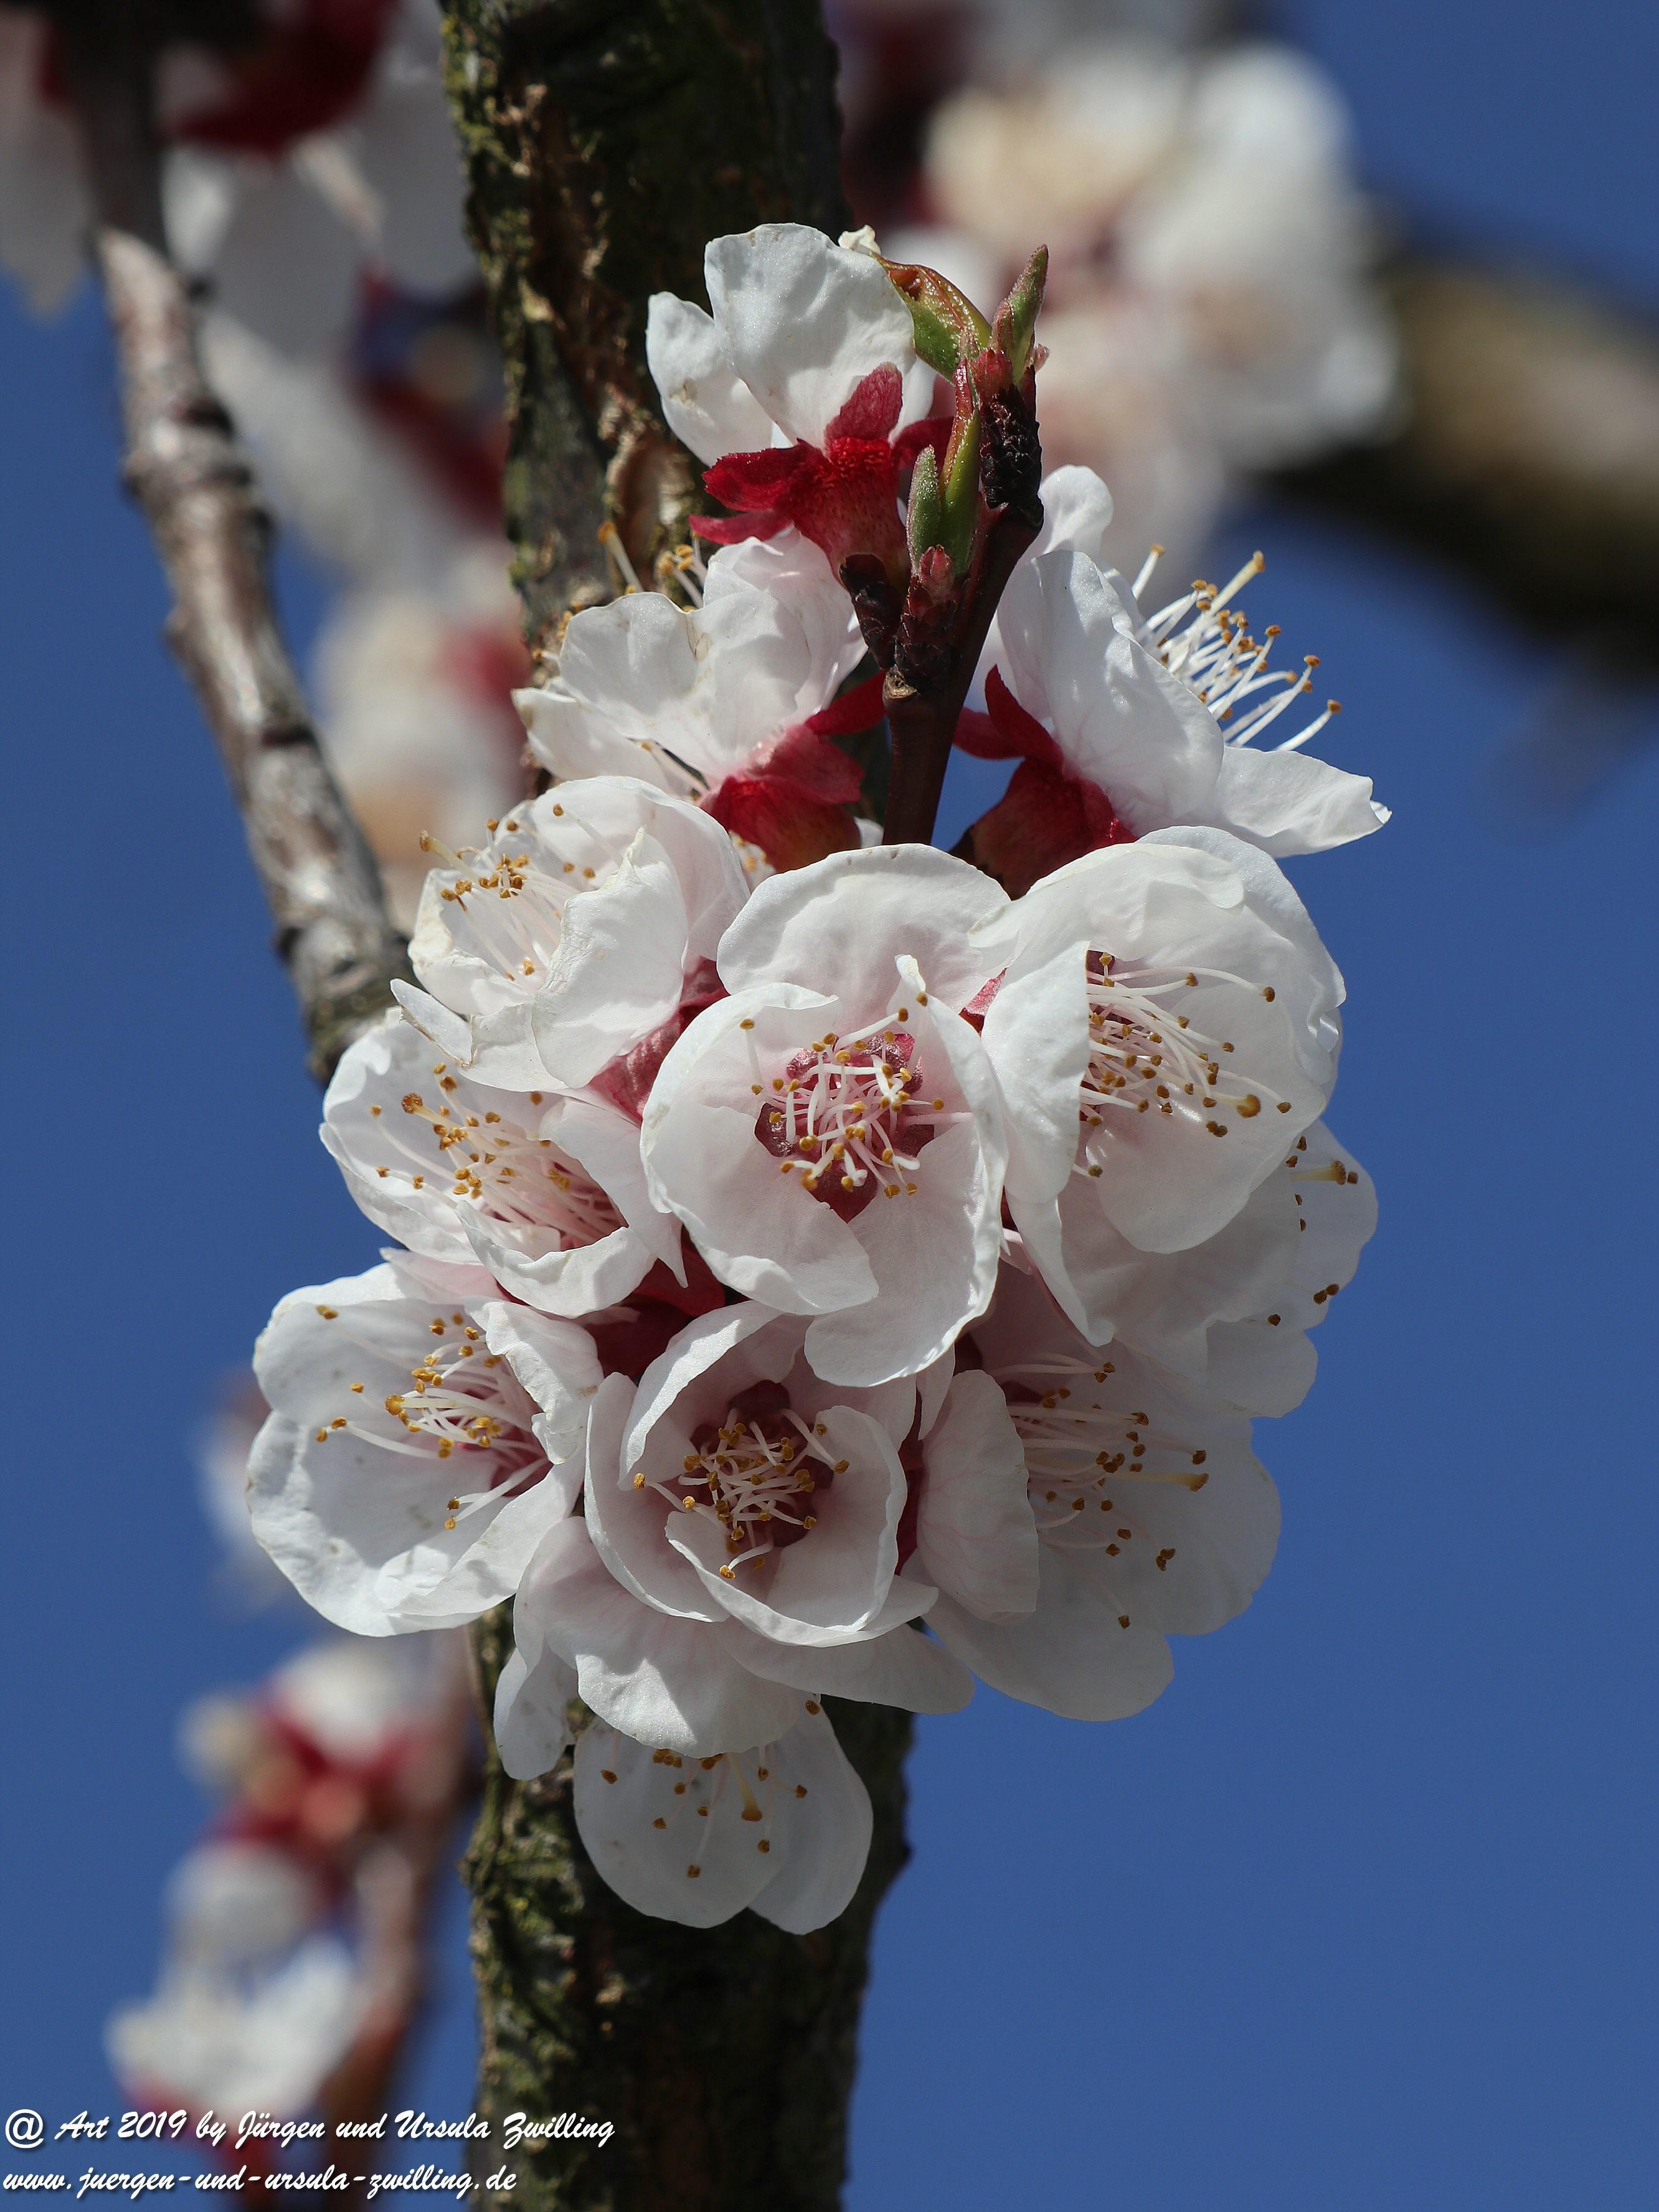 Aprikosenblüten 14